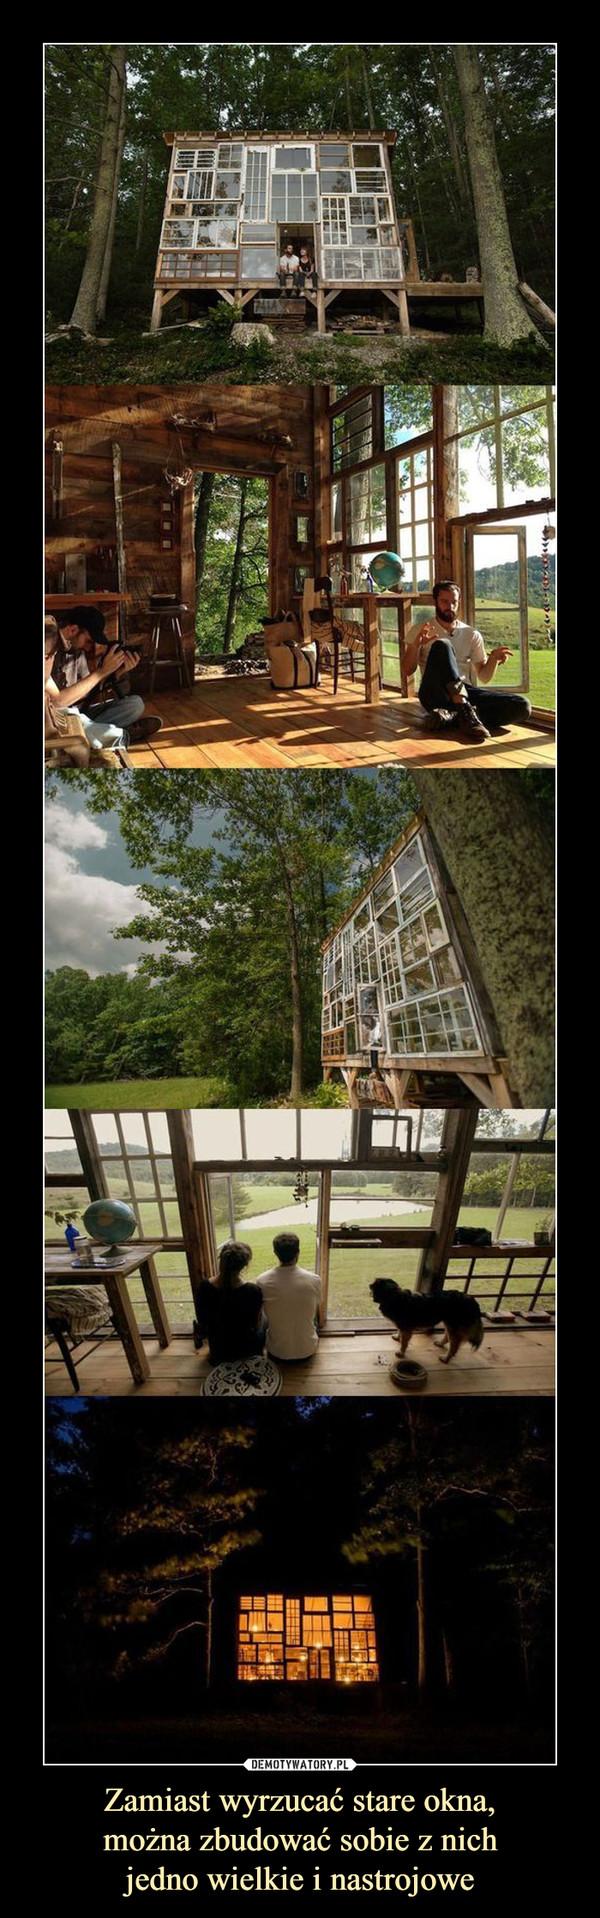 Zamiast wyrzucać stare okna, można zbudować sobie z nich jedno wielkie i nastrojowe –